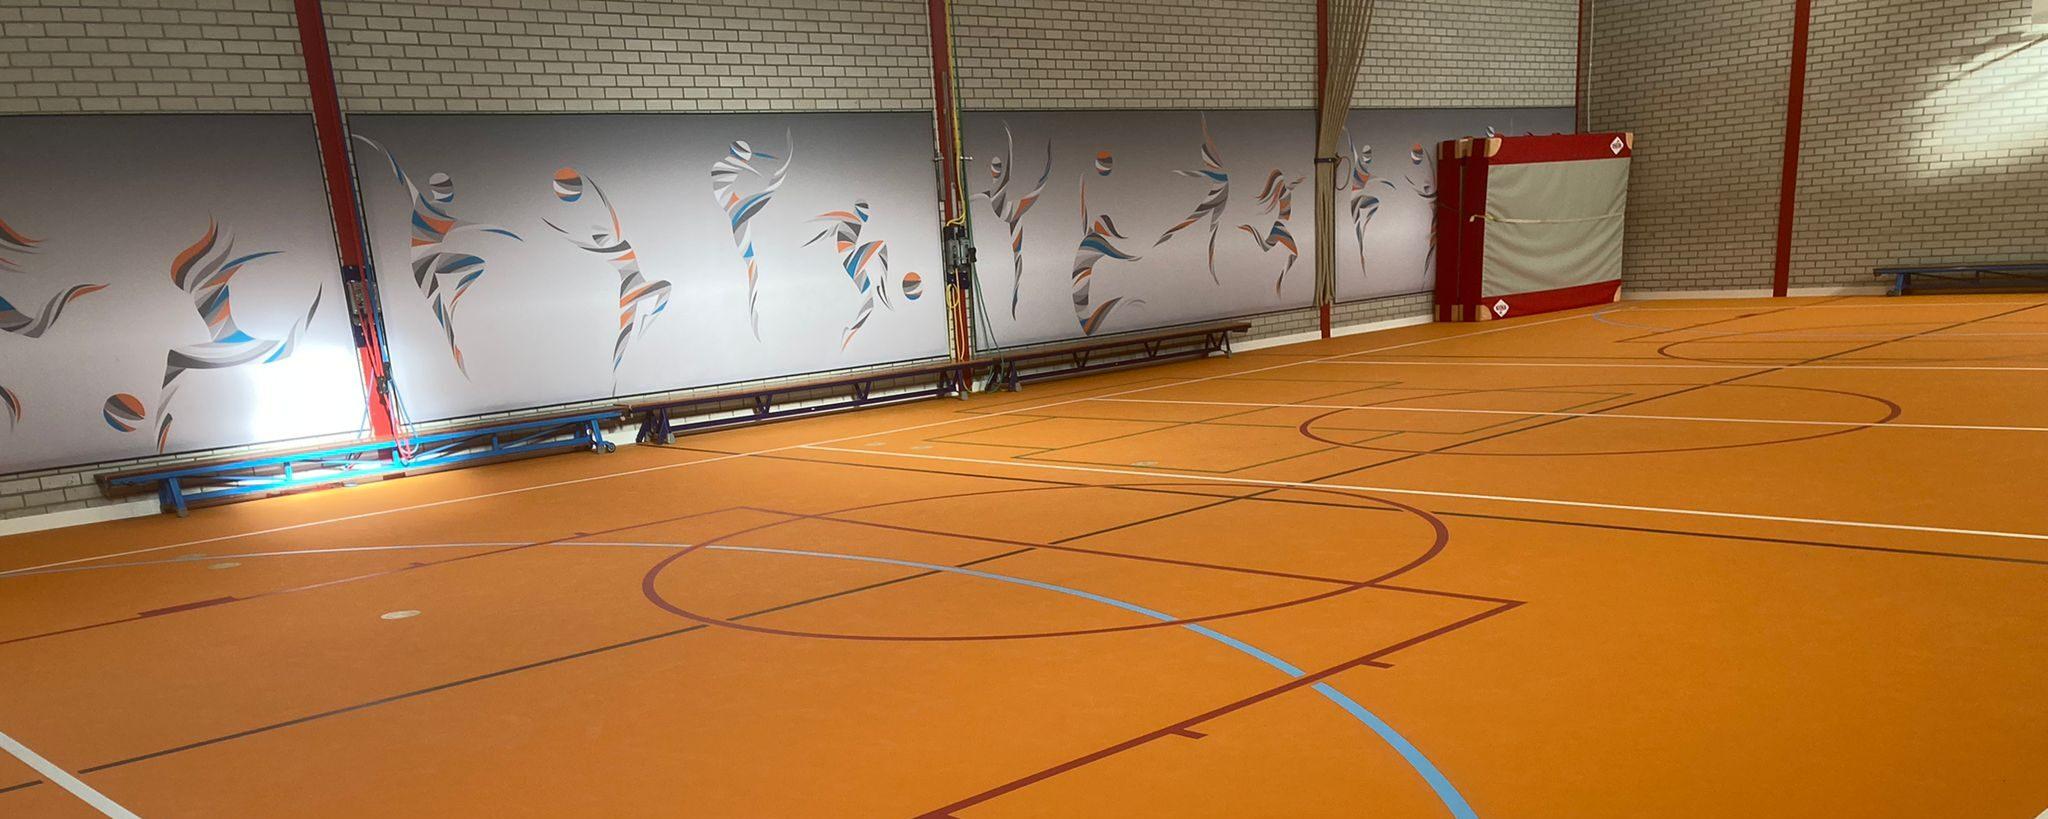 pulastic sound wall van MetroXL akoestisch dempende wandbekleding gymzaal